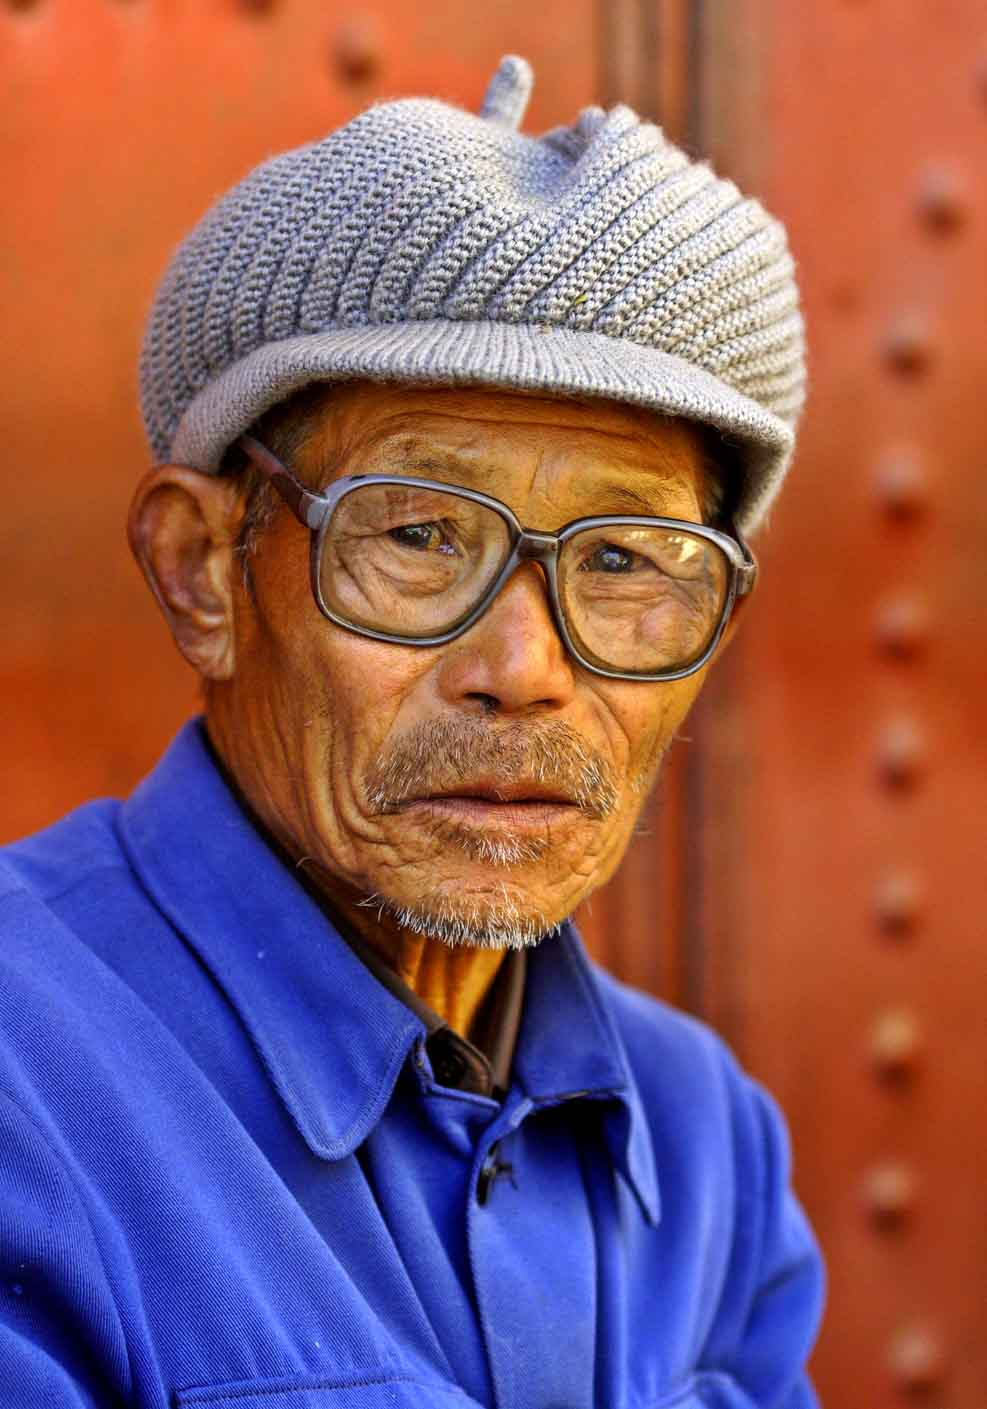 Elder in Dali, China